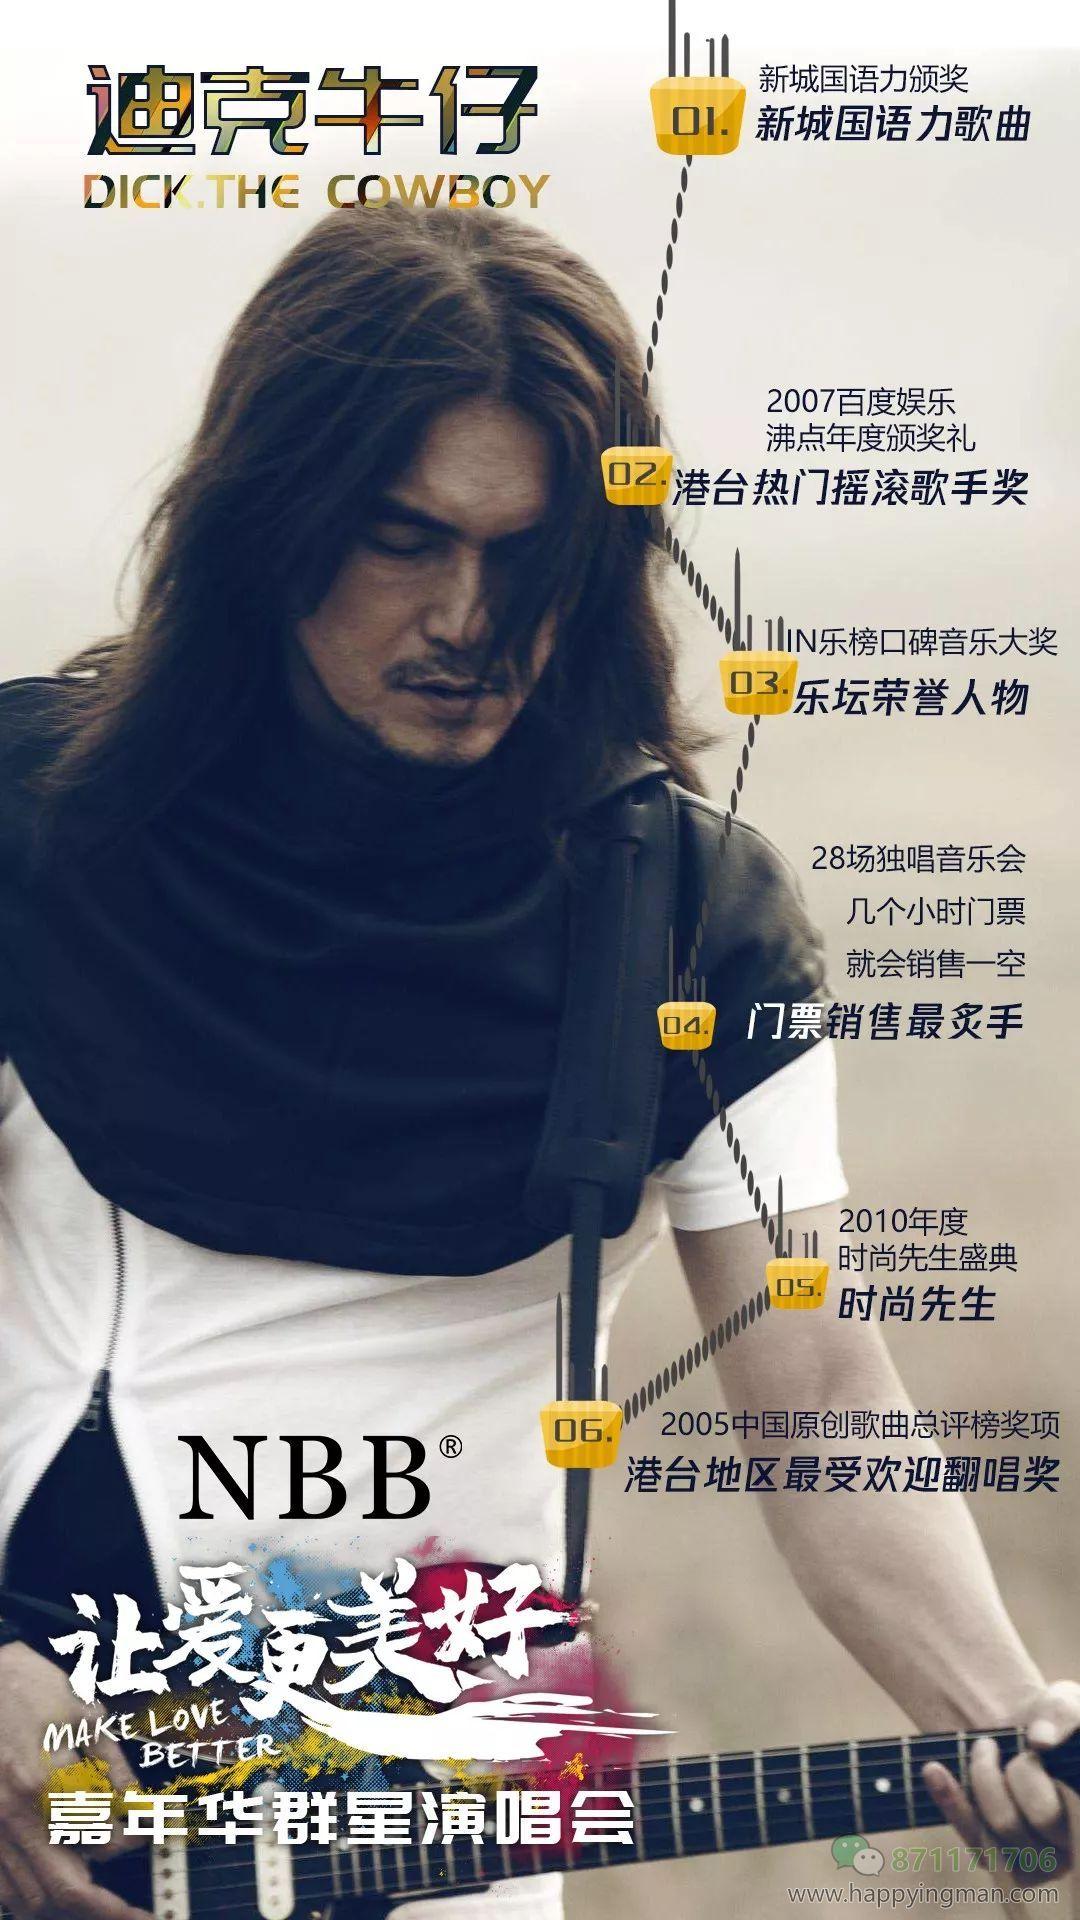 """NBB""""让爱更美好""""桂林嘉年华群星演唱会明星阵容揭秘2"""